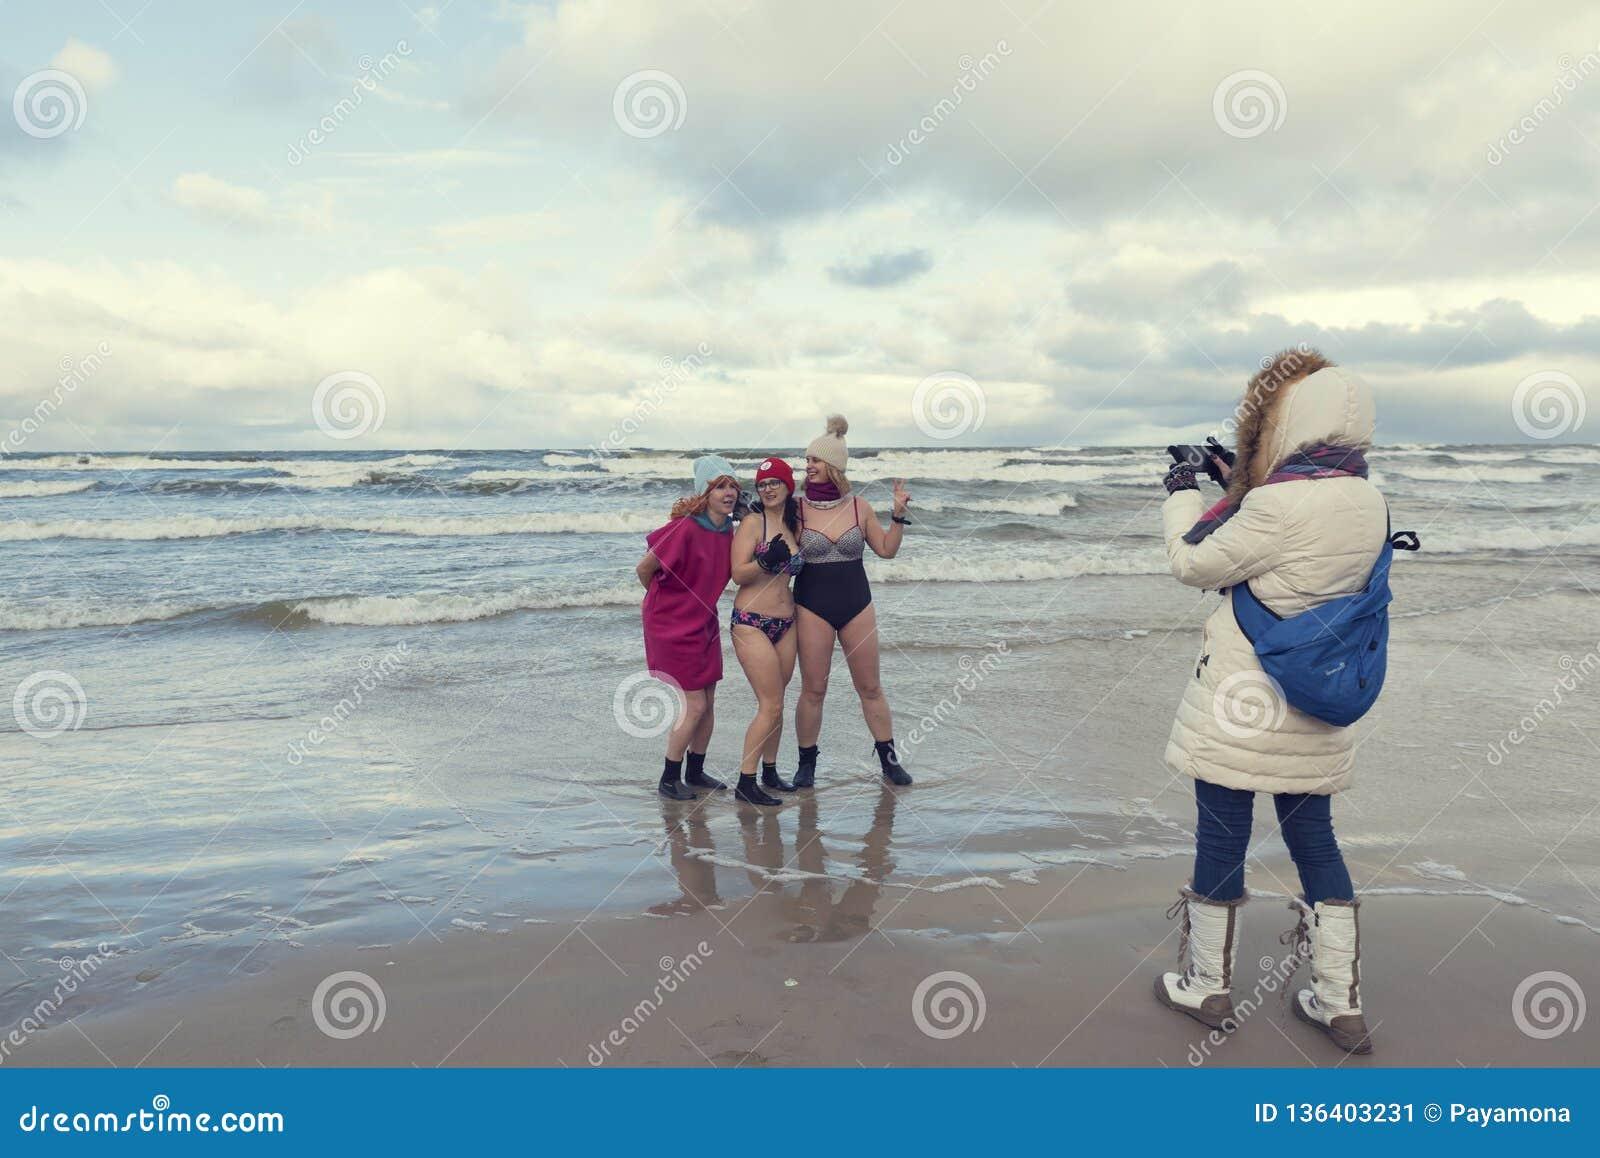 5 gennaio 2019 Stegna, Polonia Signore che prendono le foto durante il nuoto di inverno nel mare